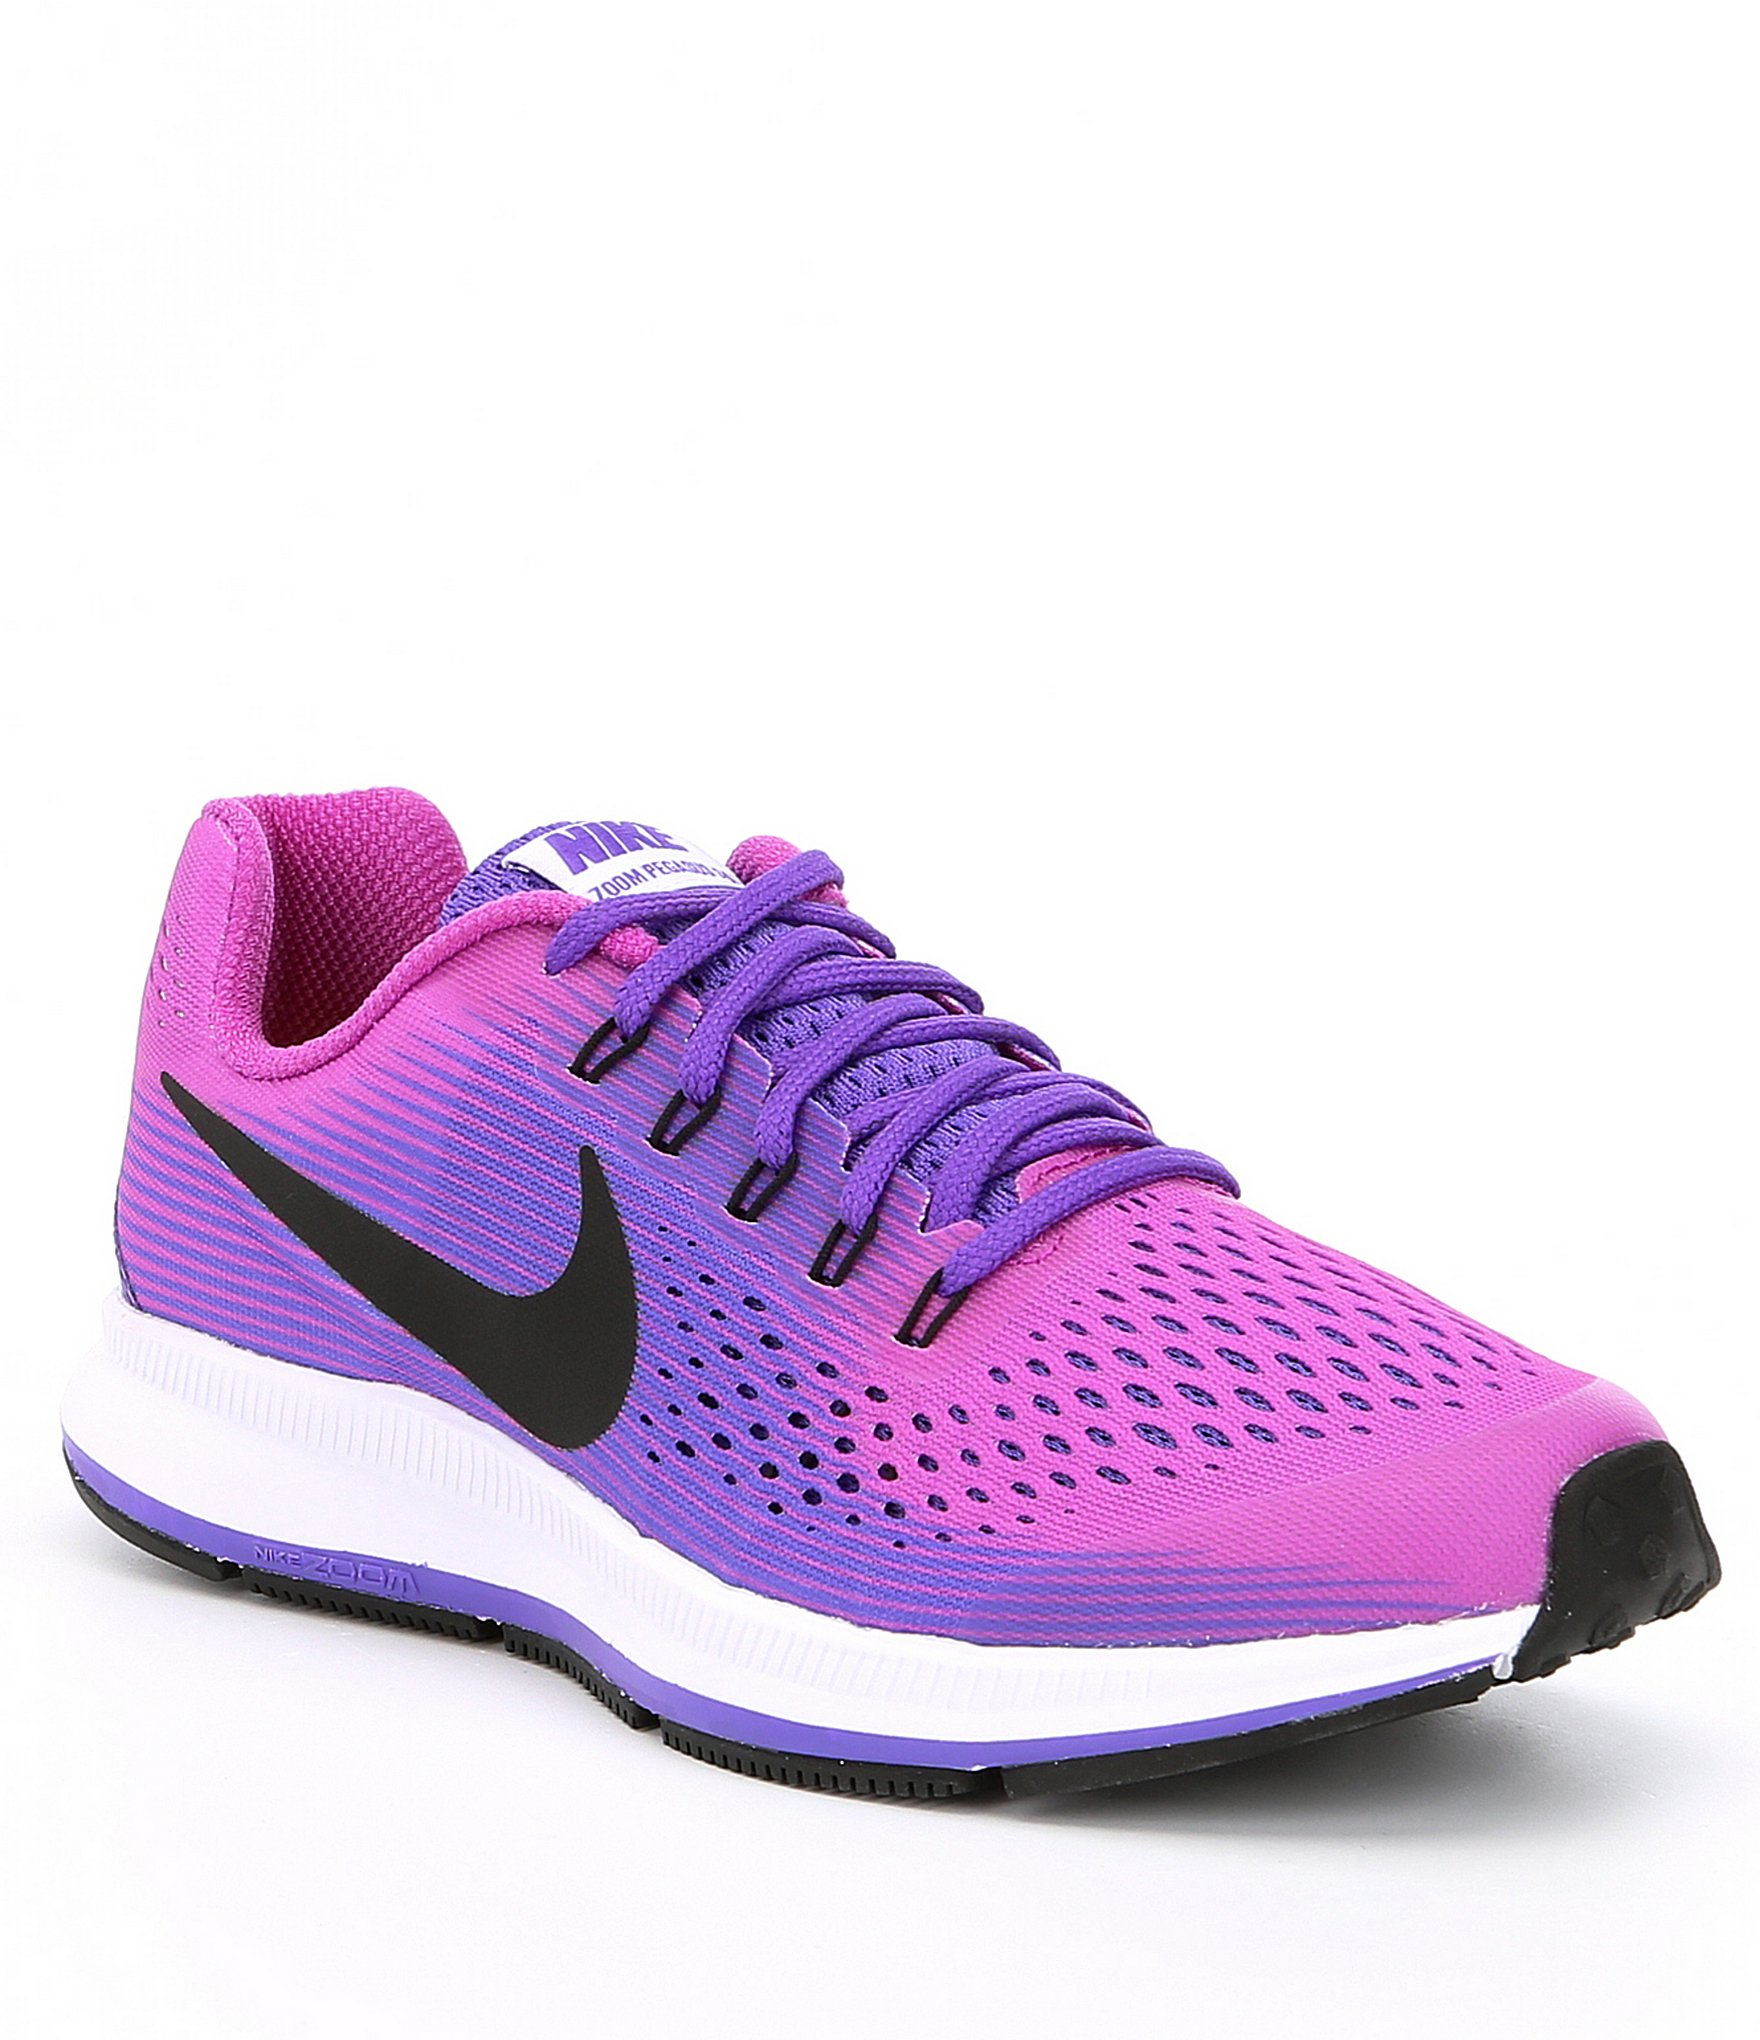 nike girls shoes nike shoes | dillards.com XDNIRWX